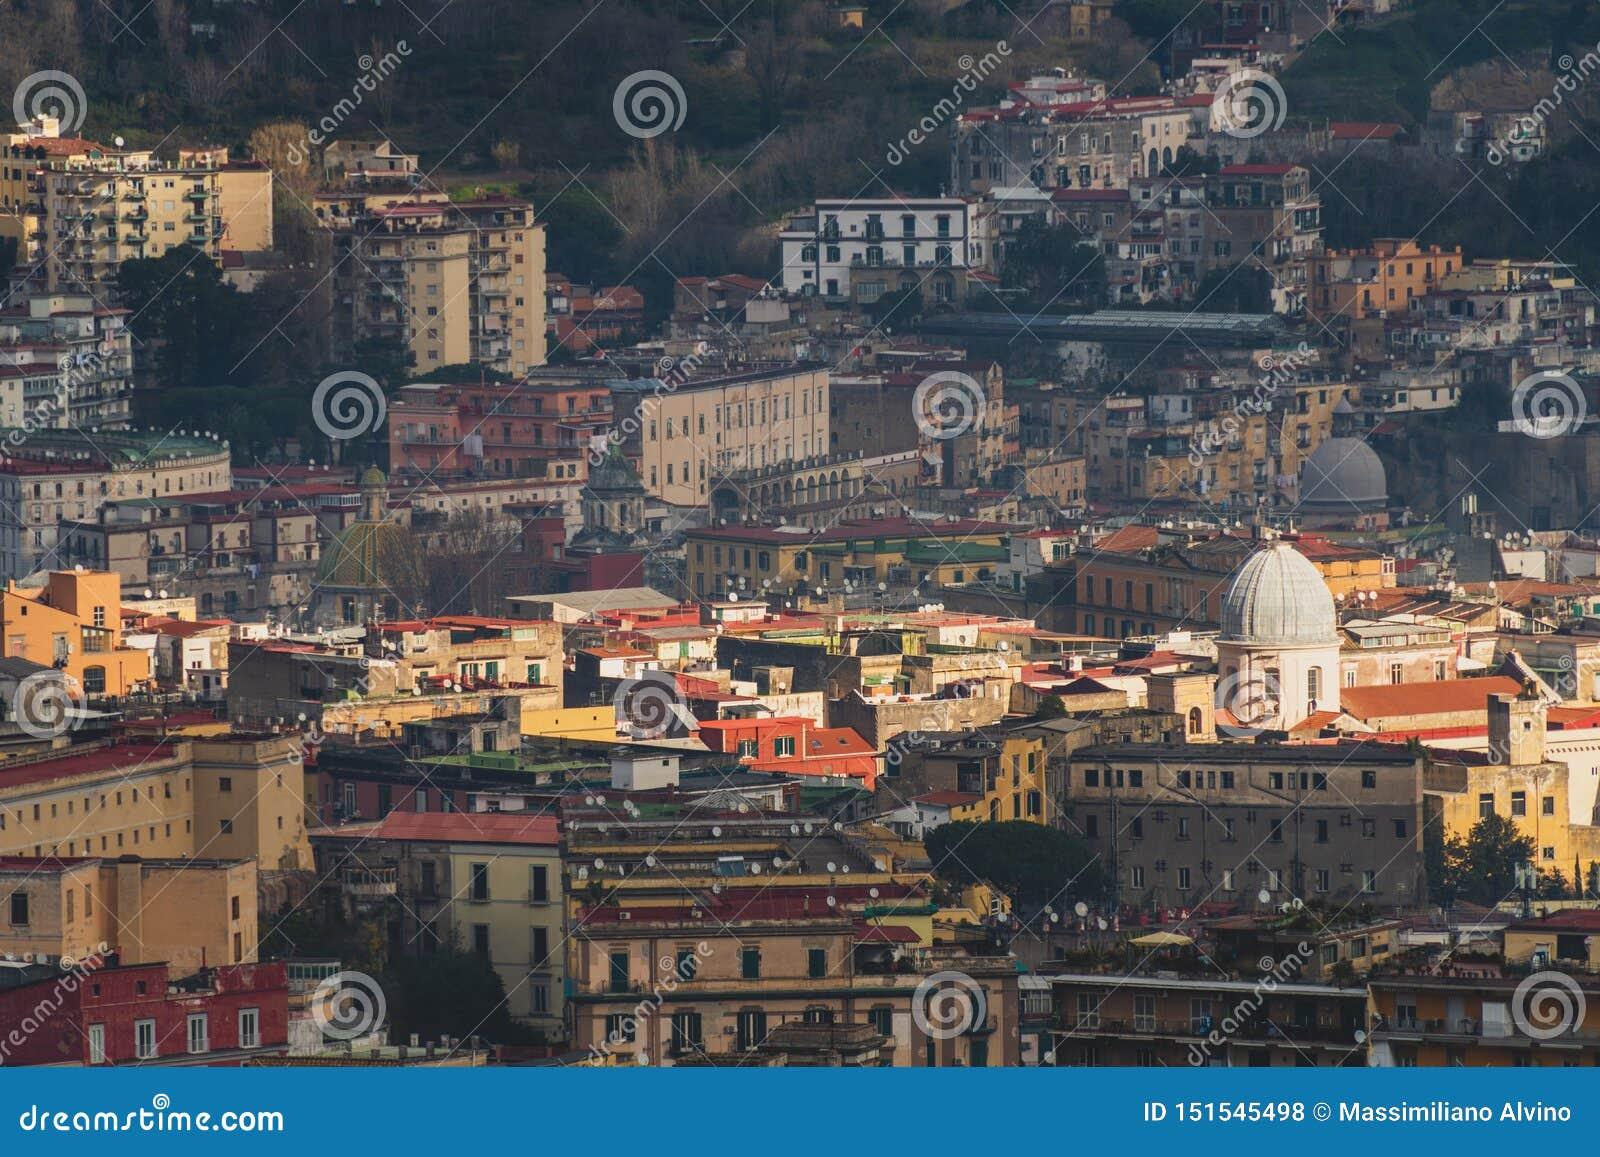 Vista superior de las calles del centro histórico de Nápoles